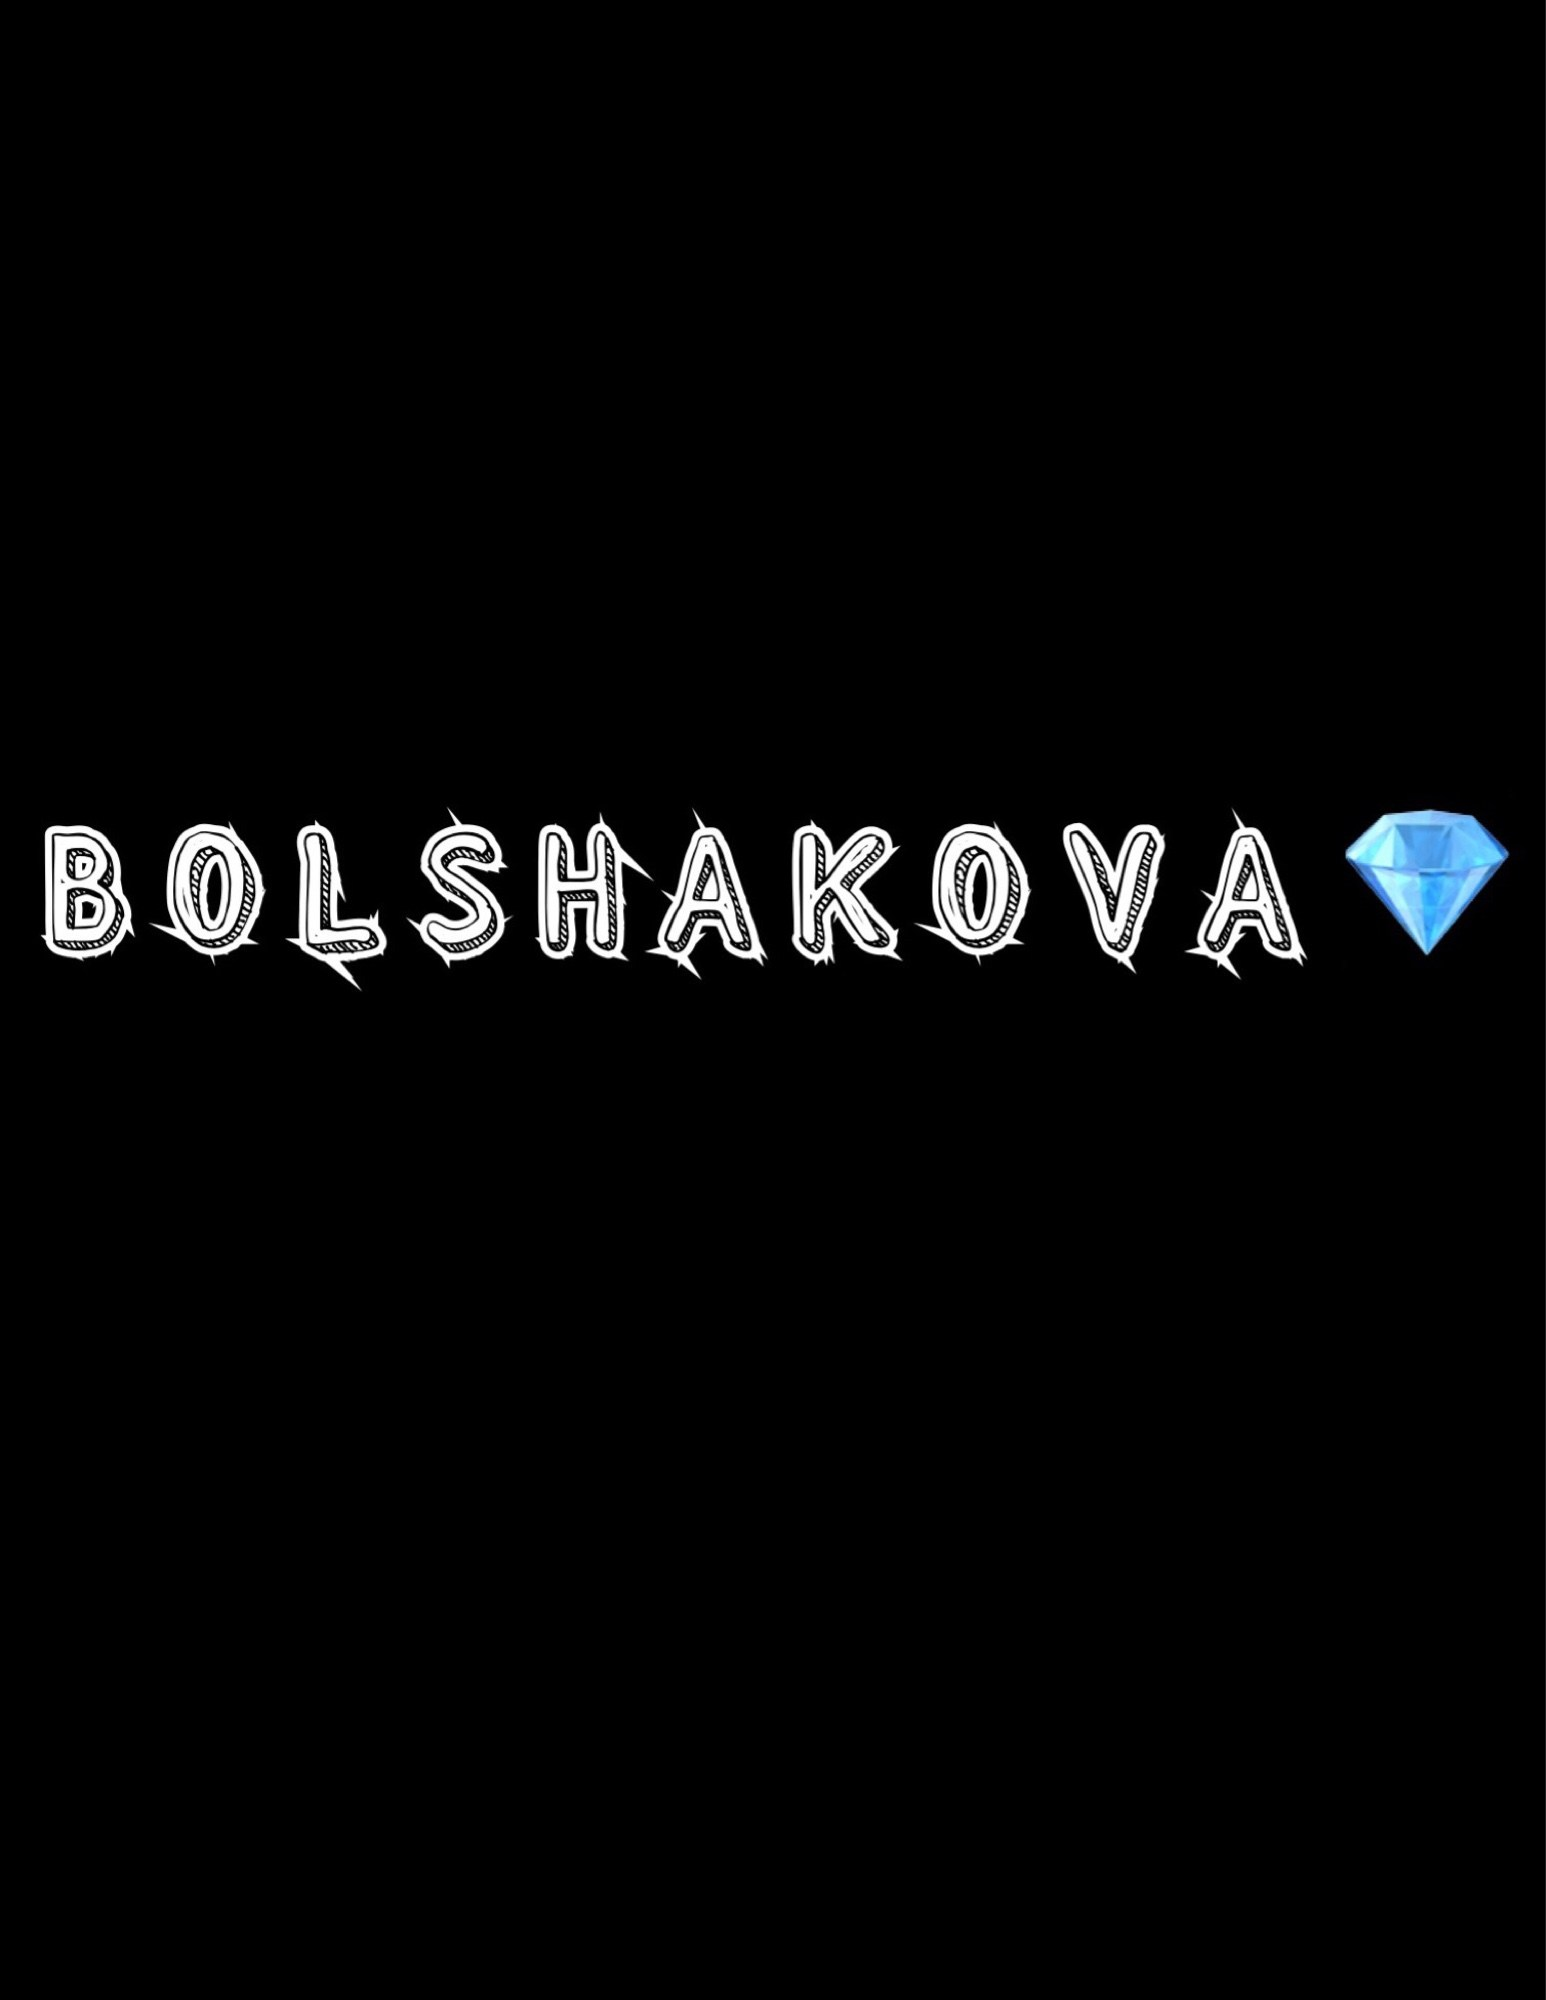 MashaBolshackowa's Cover Photo